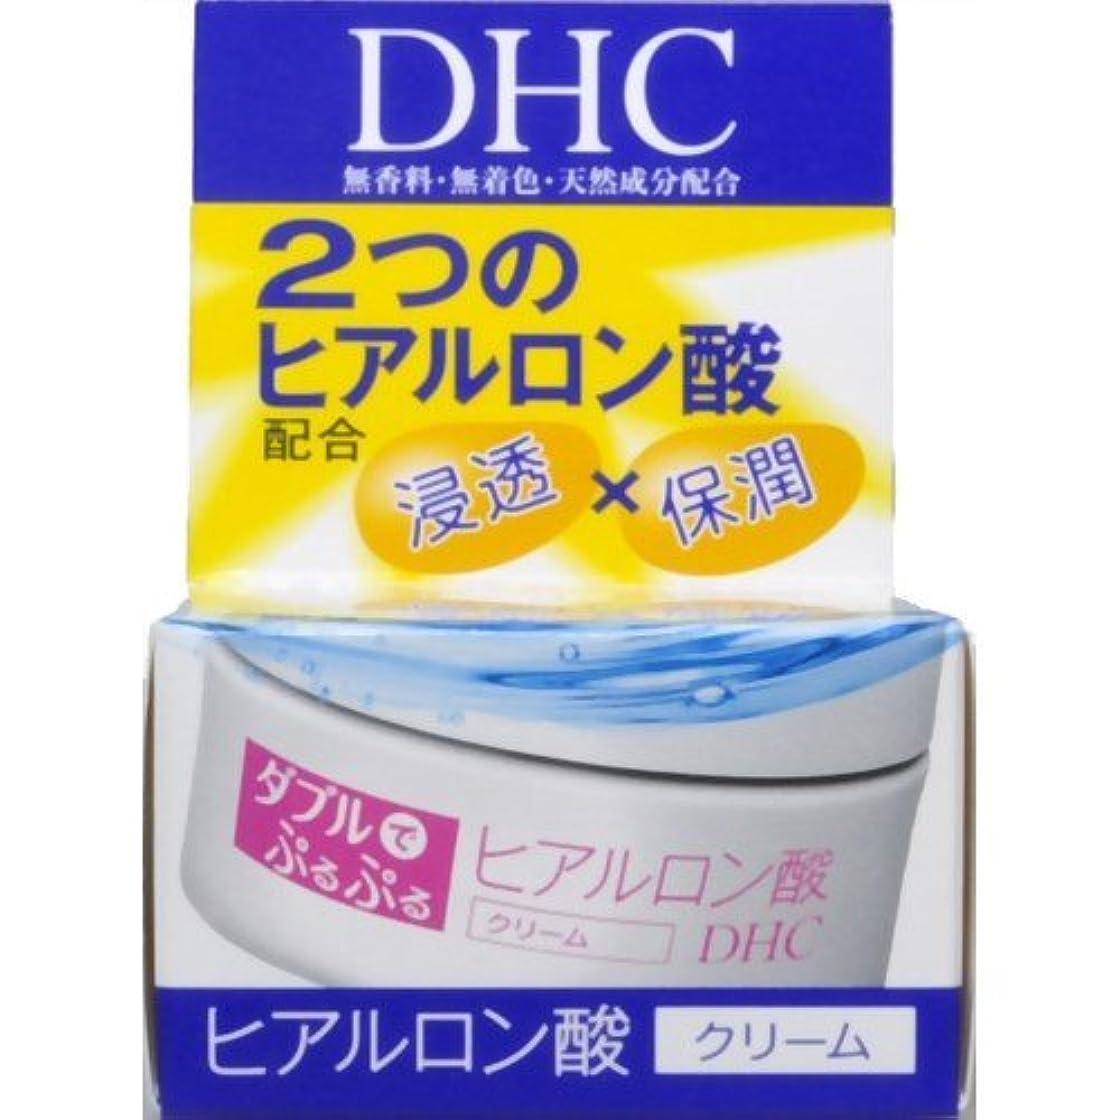 憎しみスイング道に迷いましたDHC ダブルモイスチュアクリーム 50g